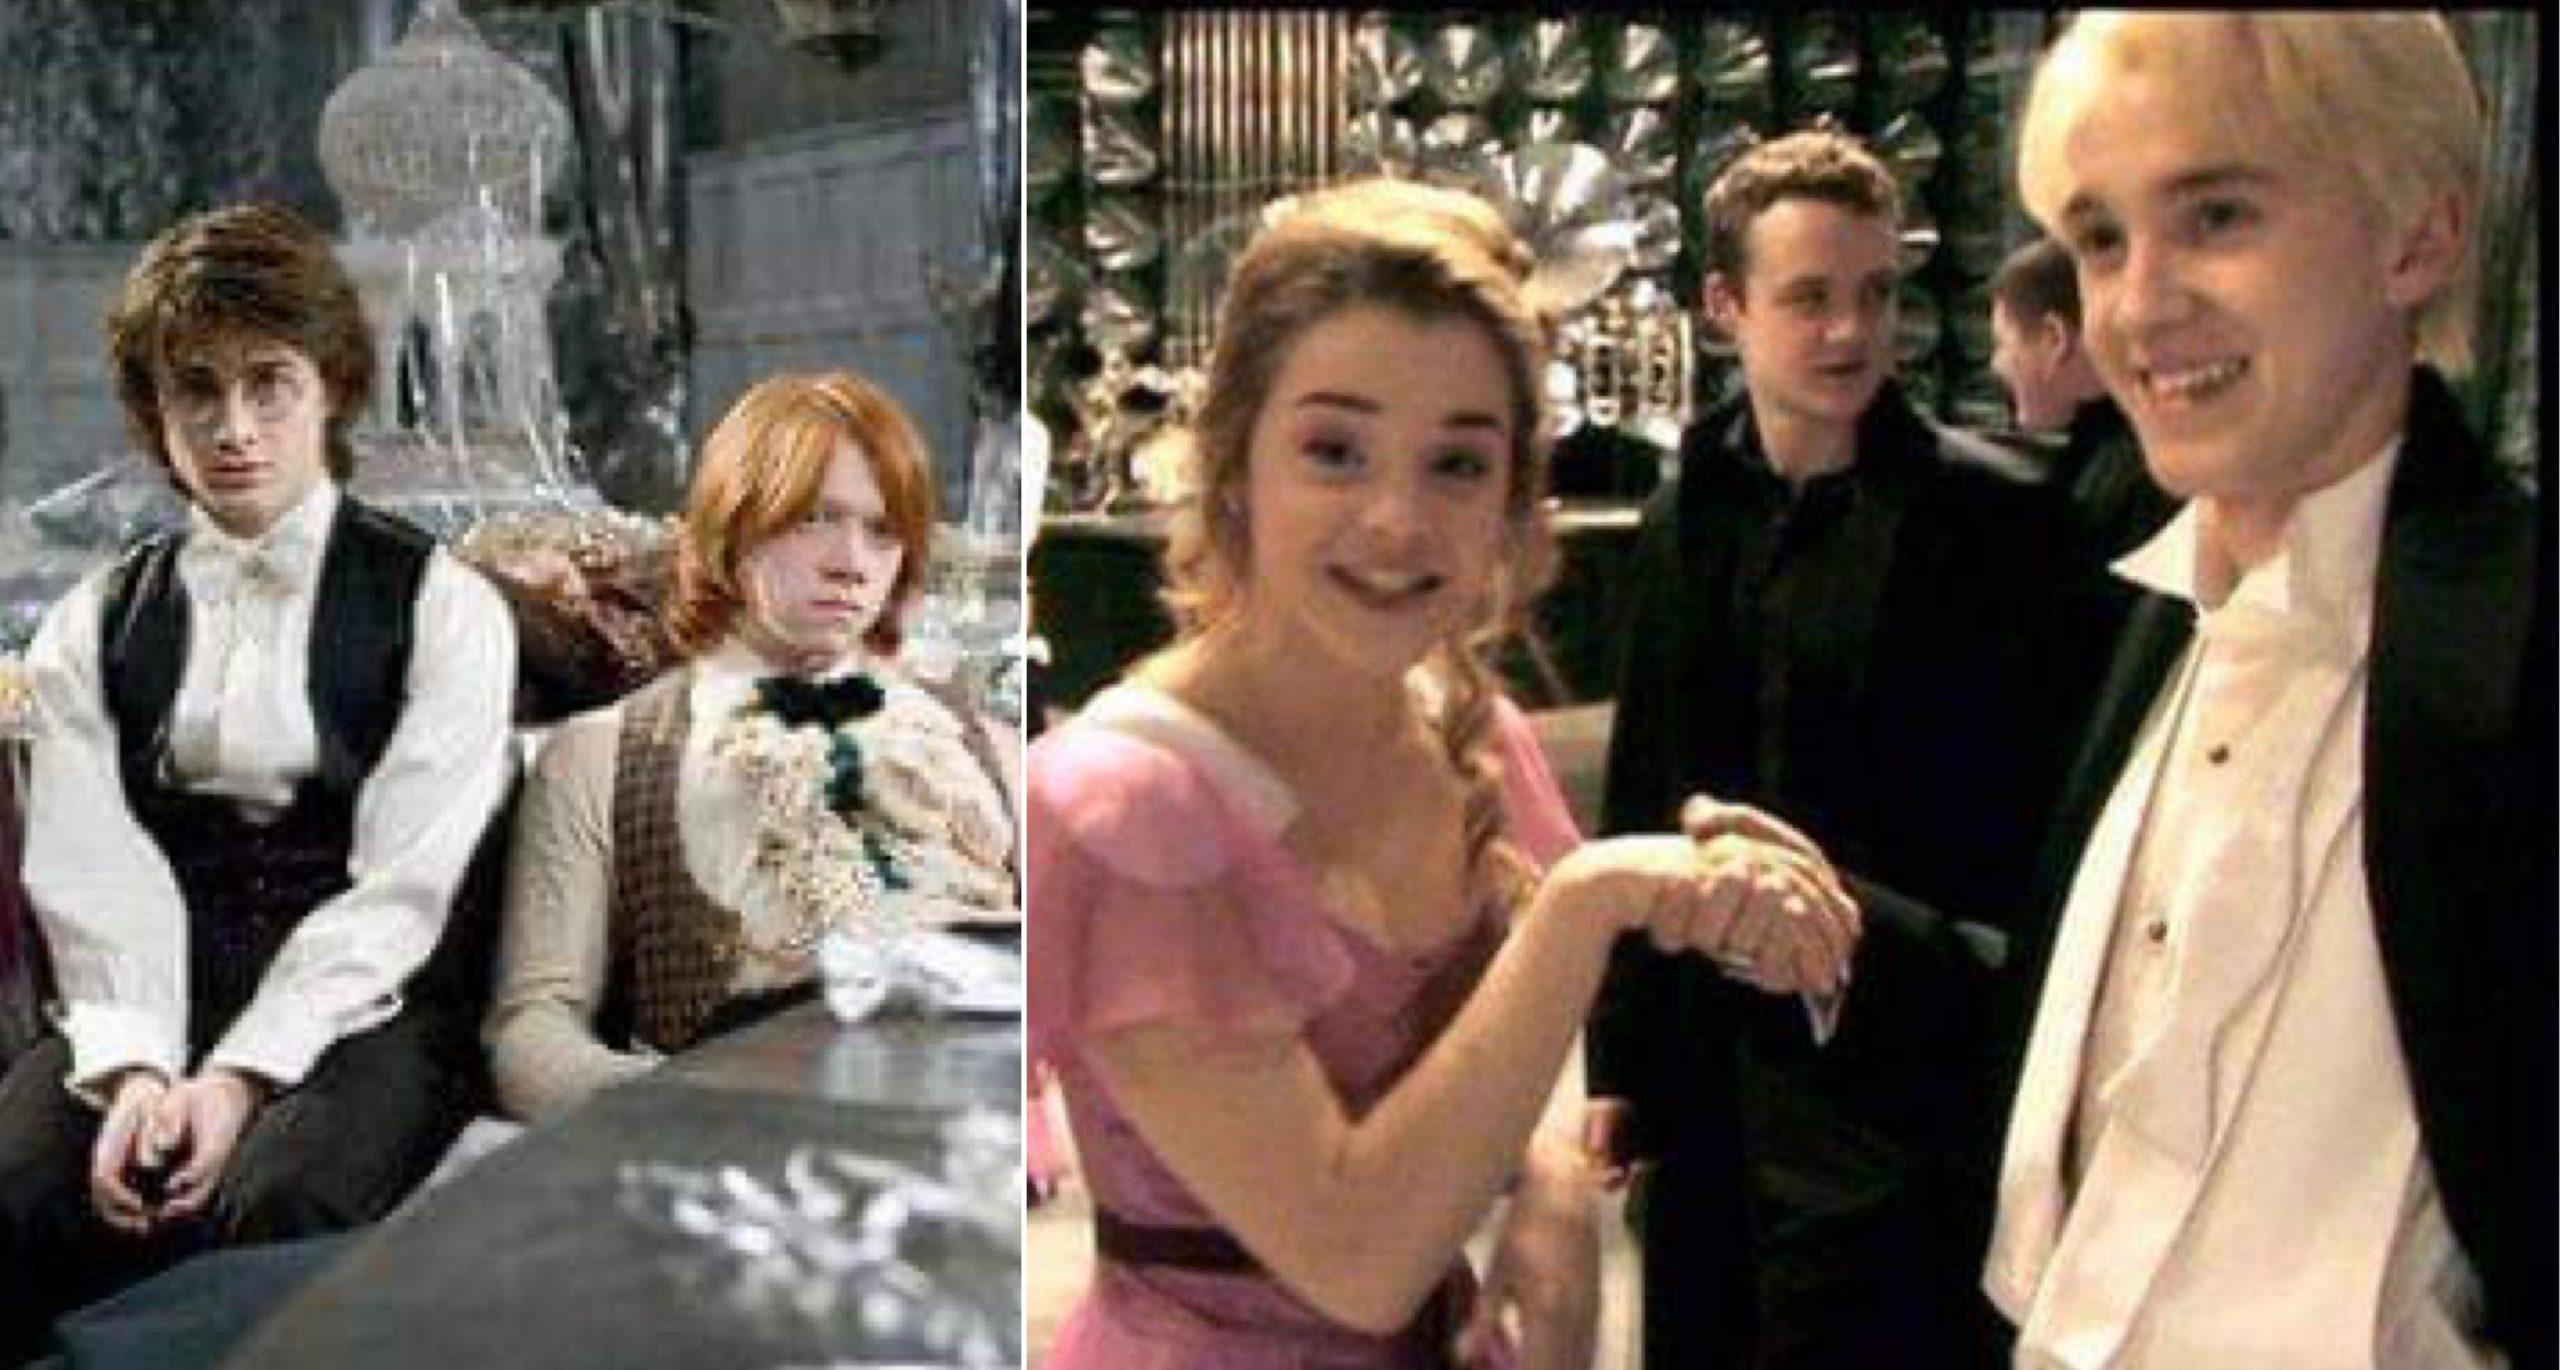 《哈利波特》最「驚艷」的 5 件服裝設計,第 5 件讓粉絲們笑到流淚… – 我們用電影寫日記